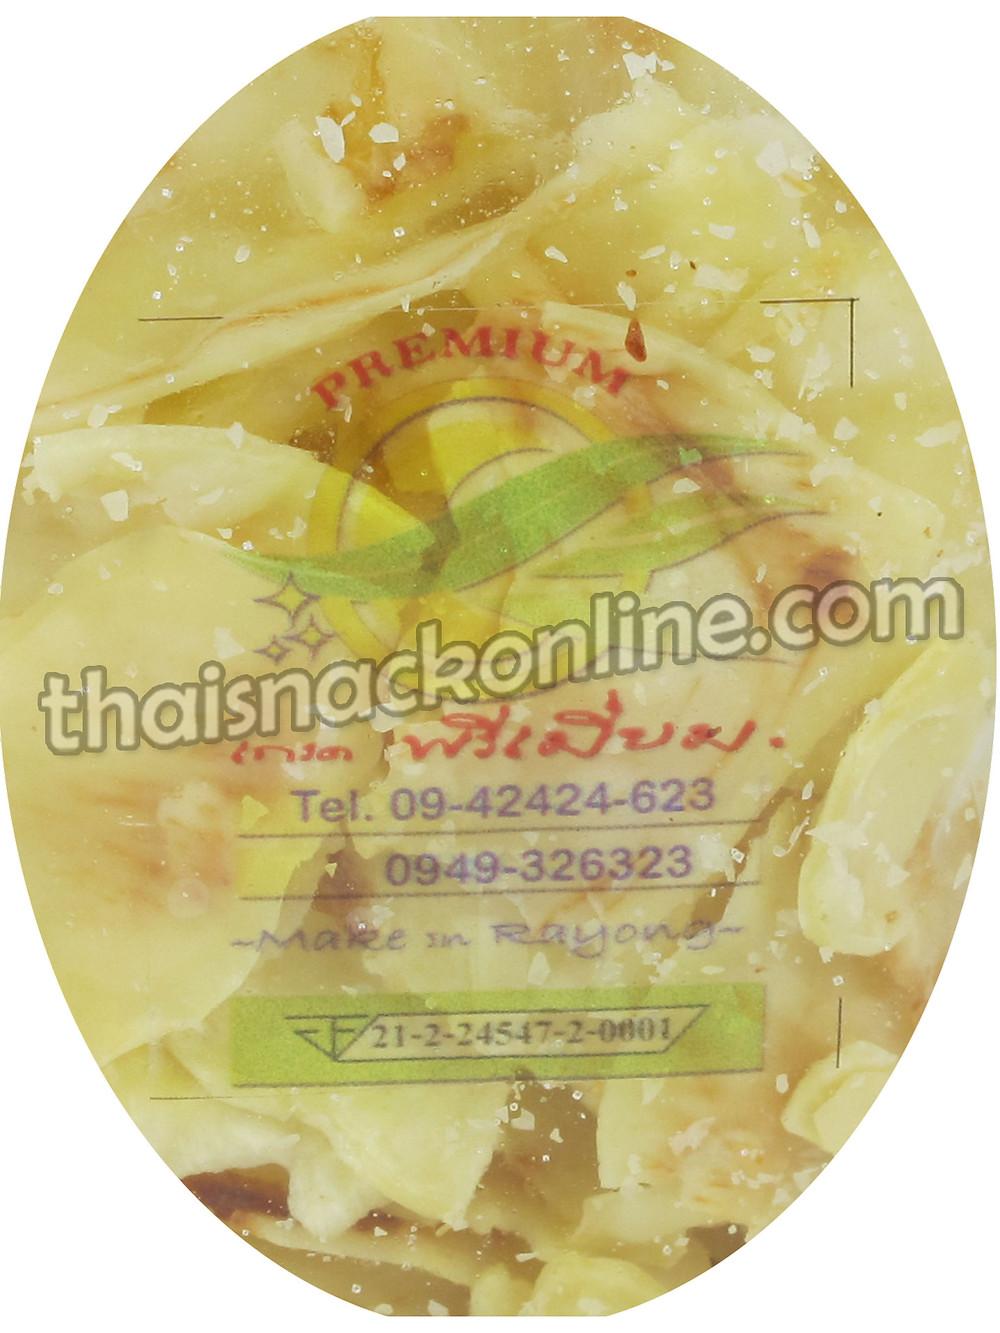 Homemade - Durian Chips Grade A